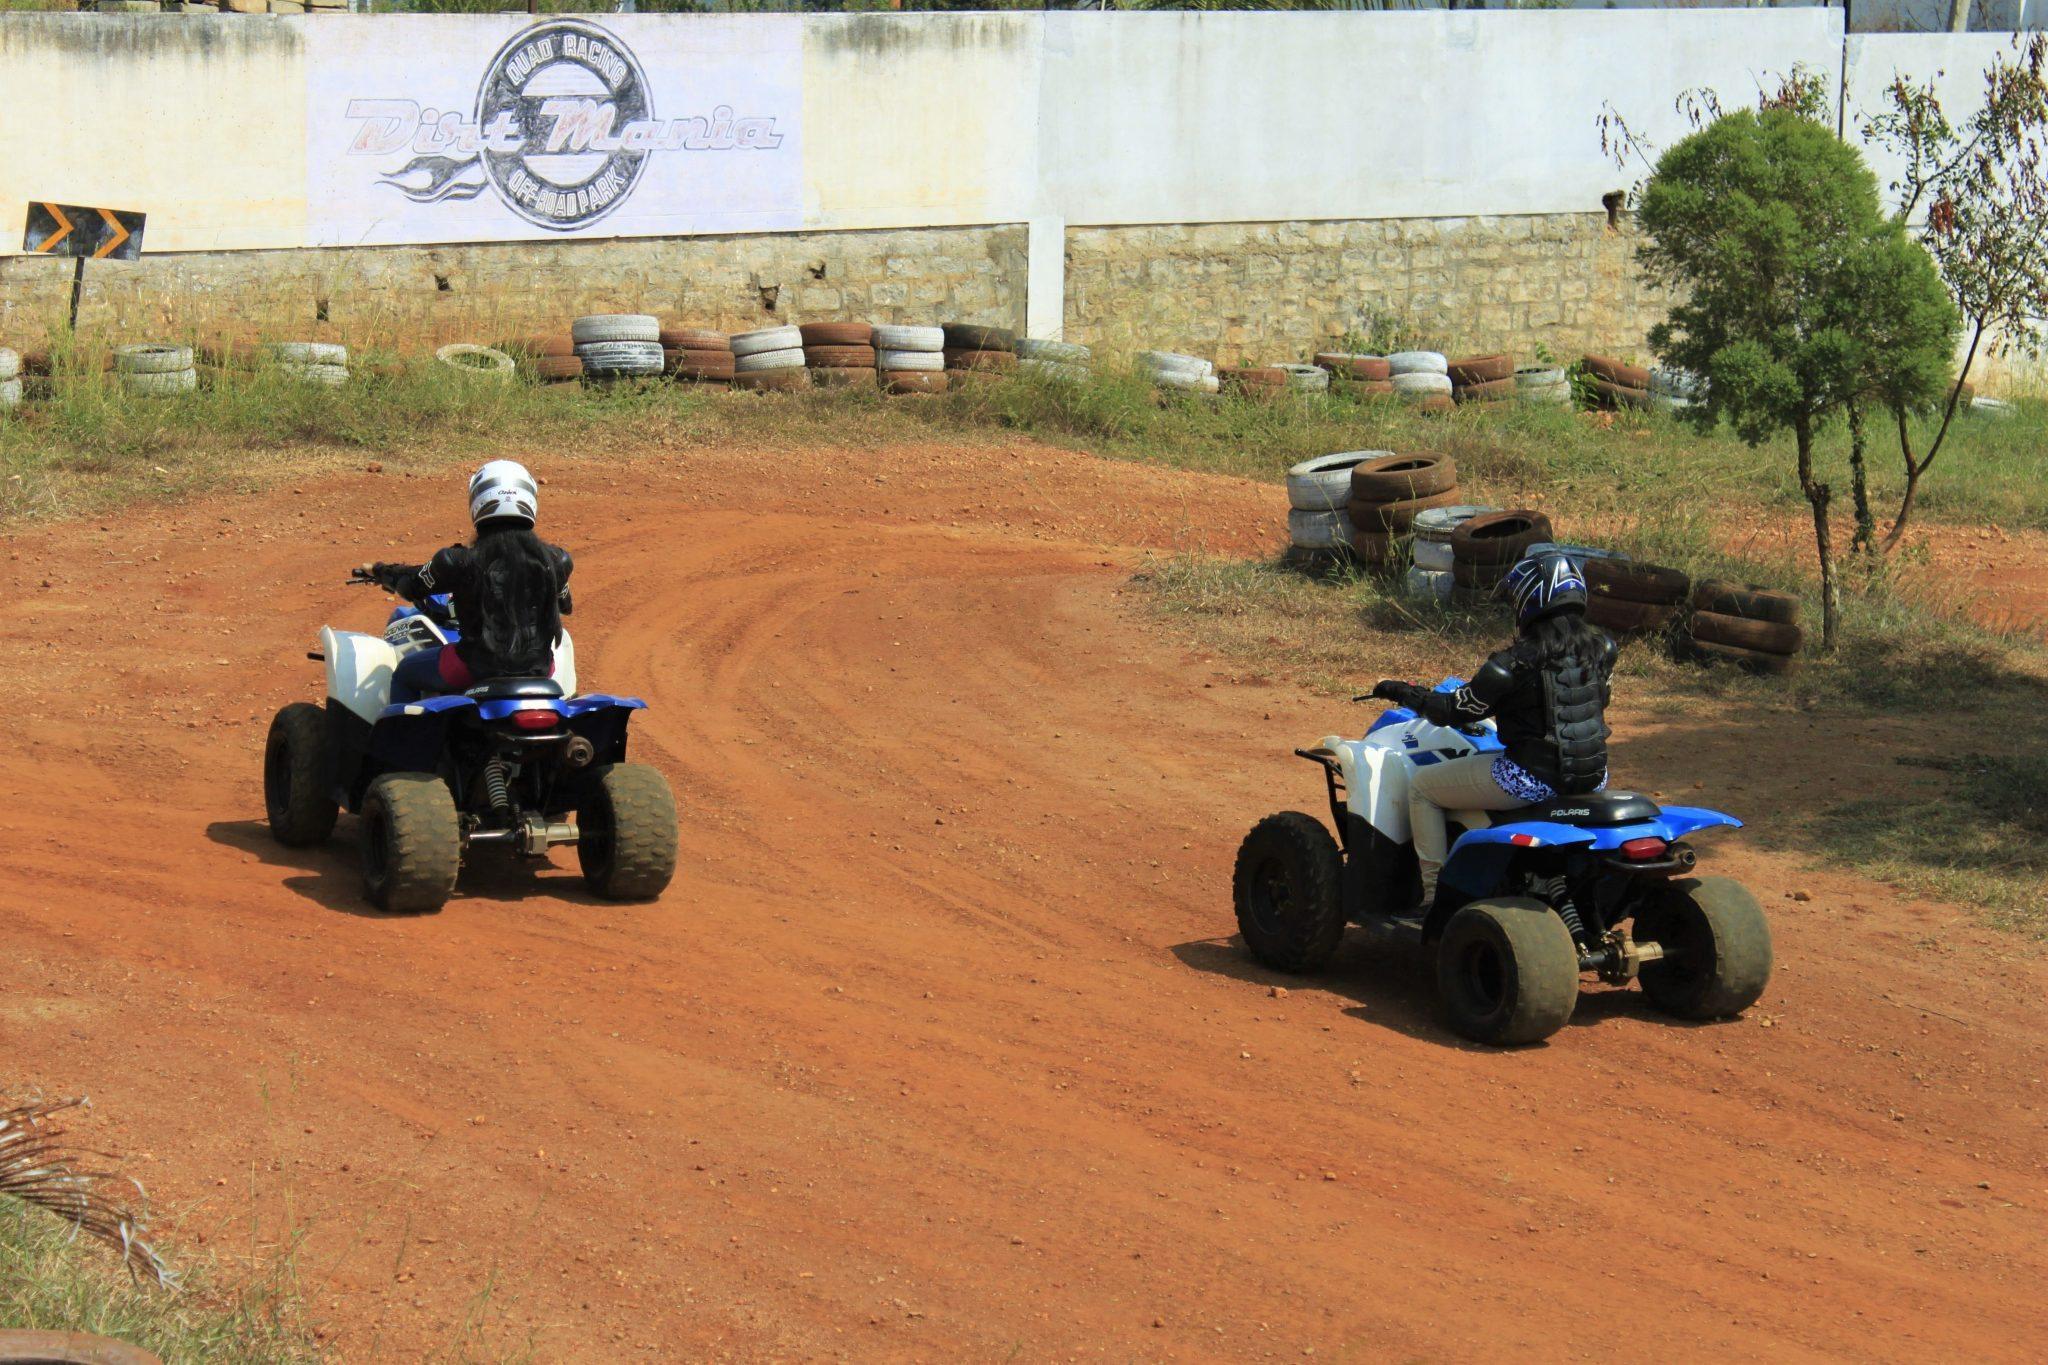 ATV Ride At Dirt Mania